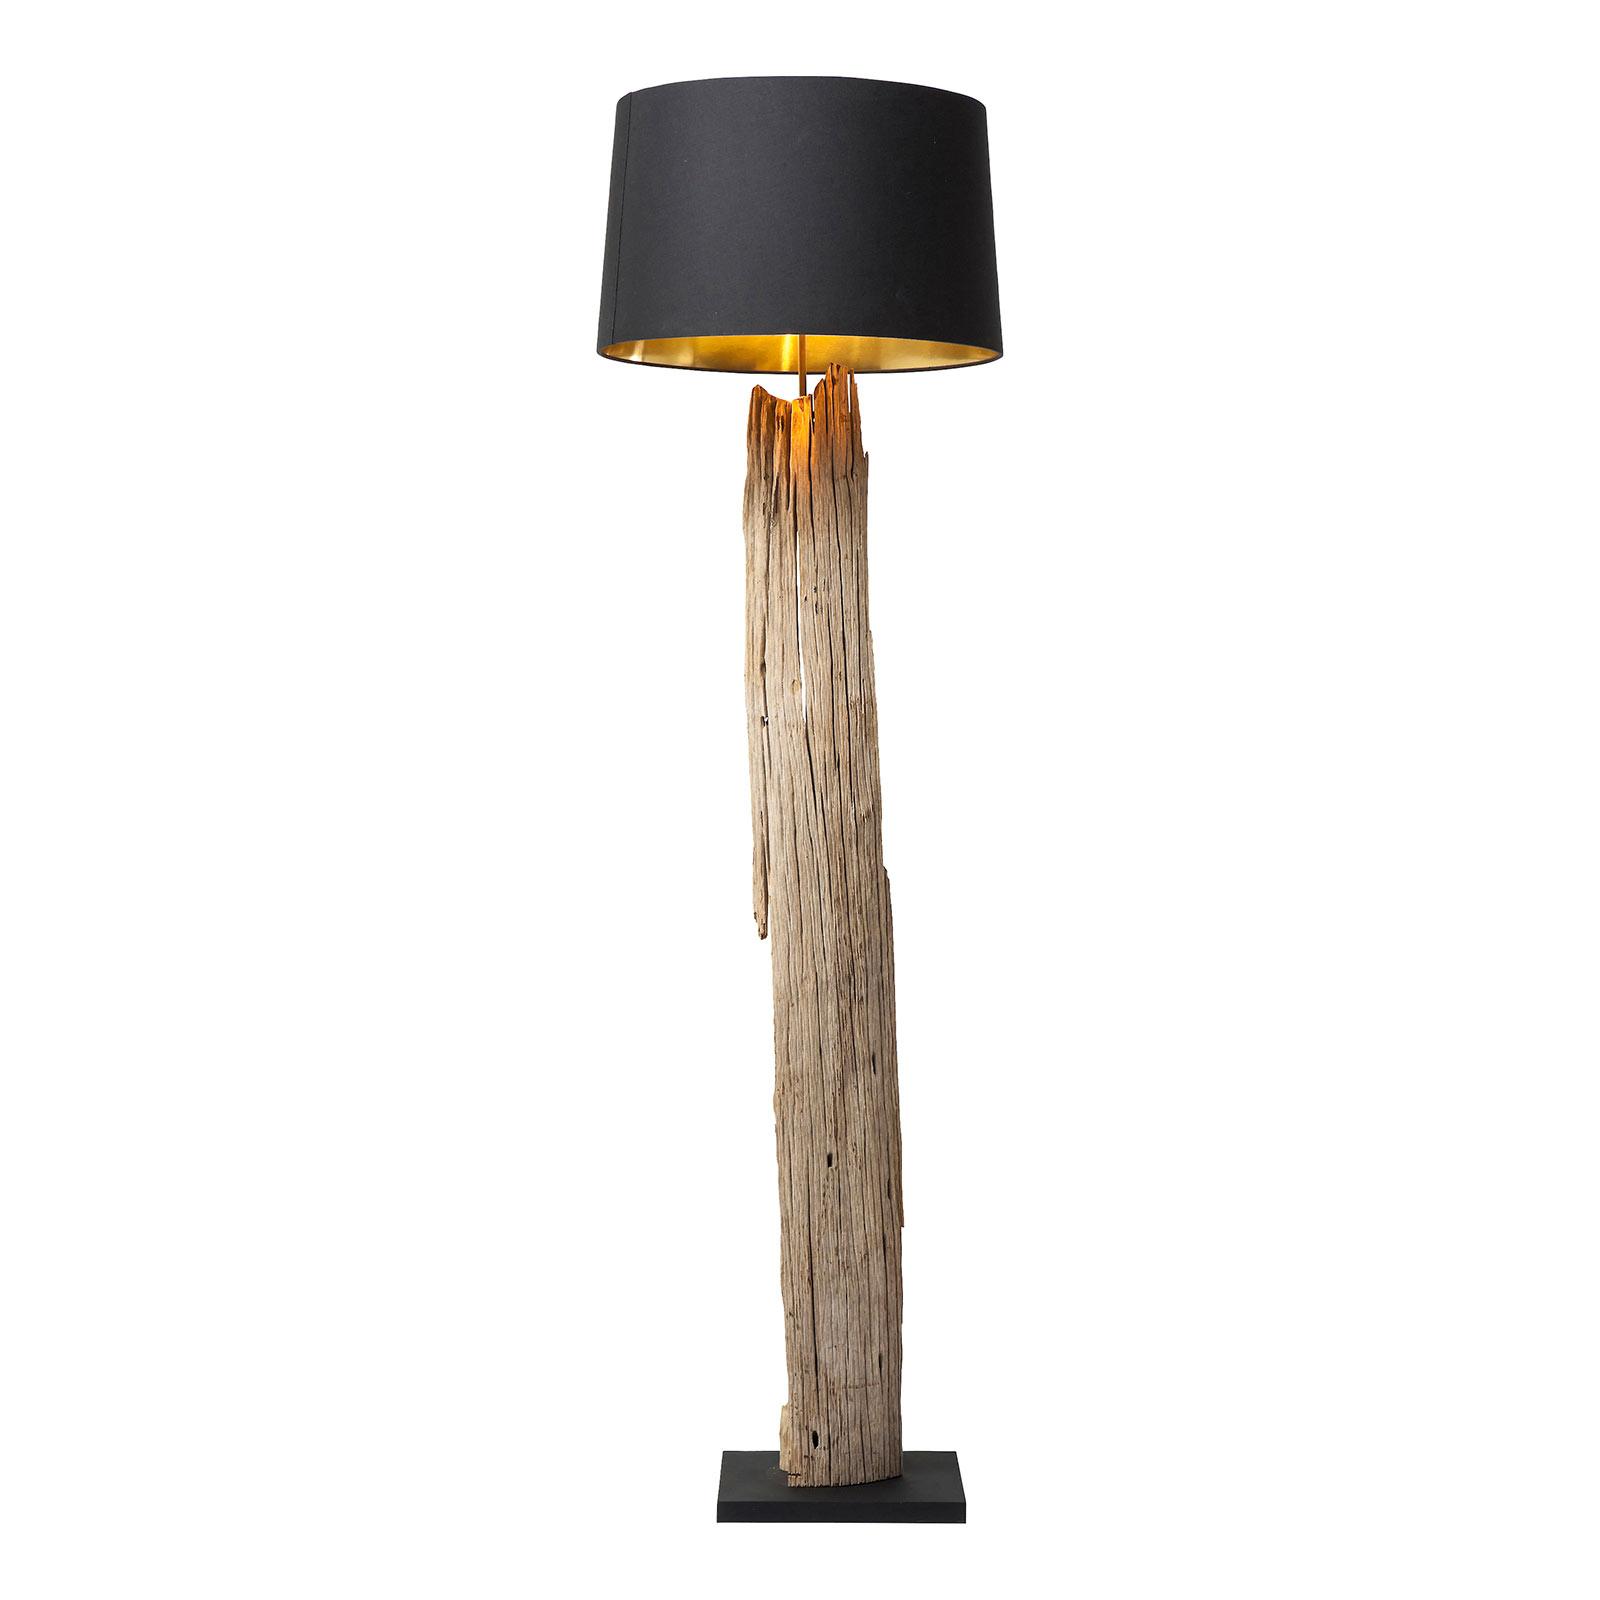 KARE Nature Straight vloerlamp unicum van hout